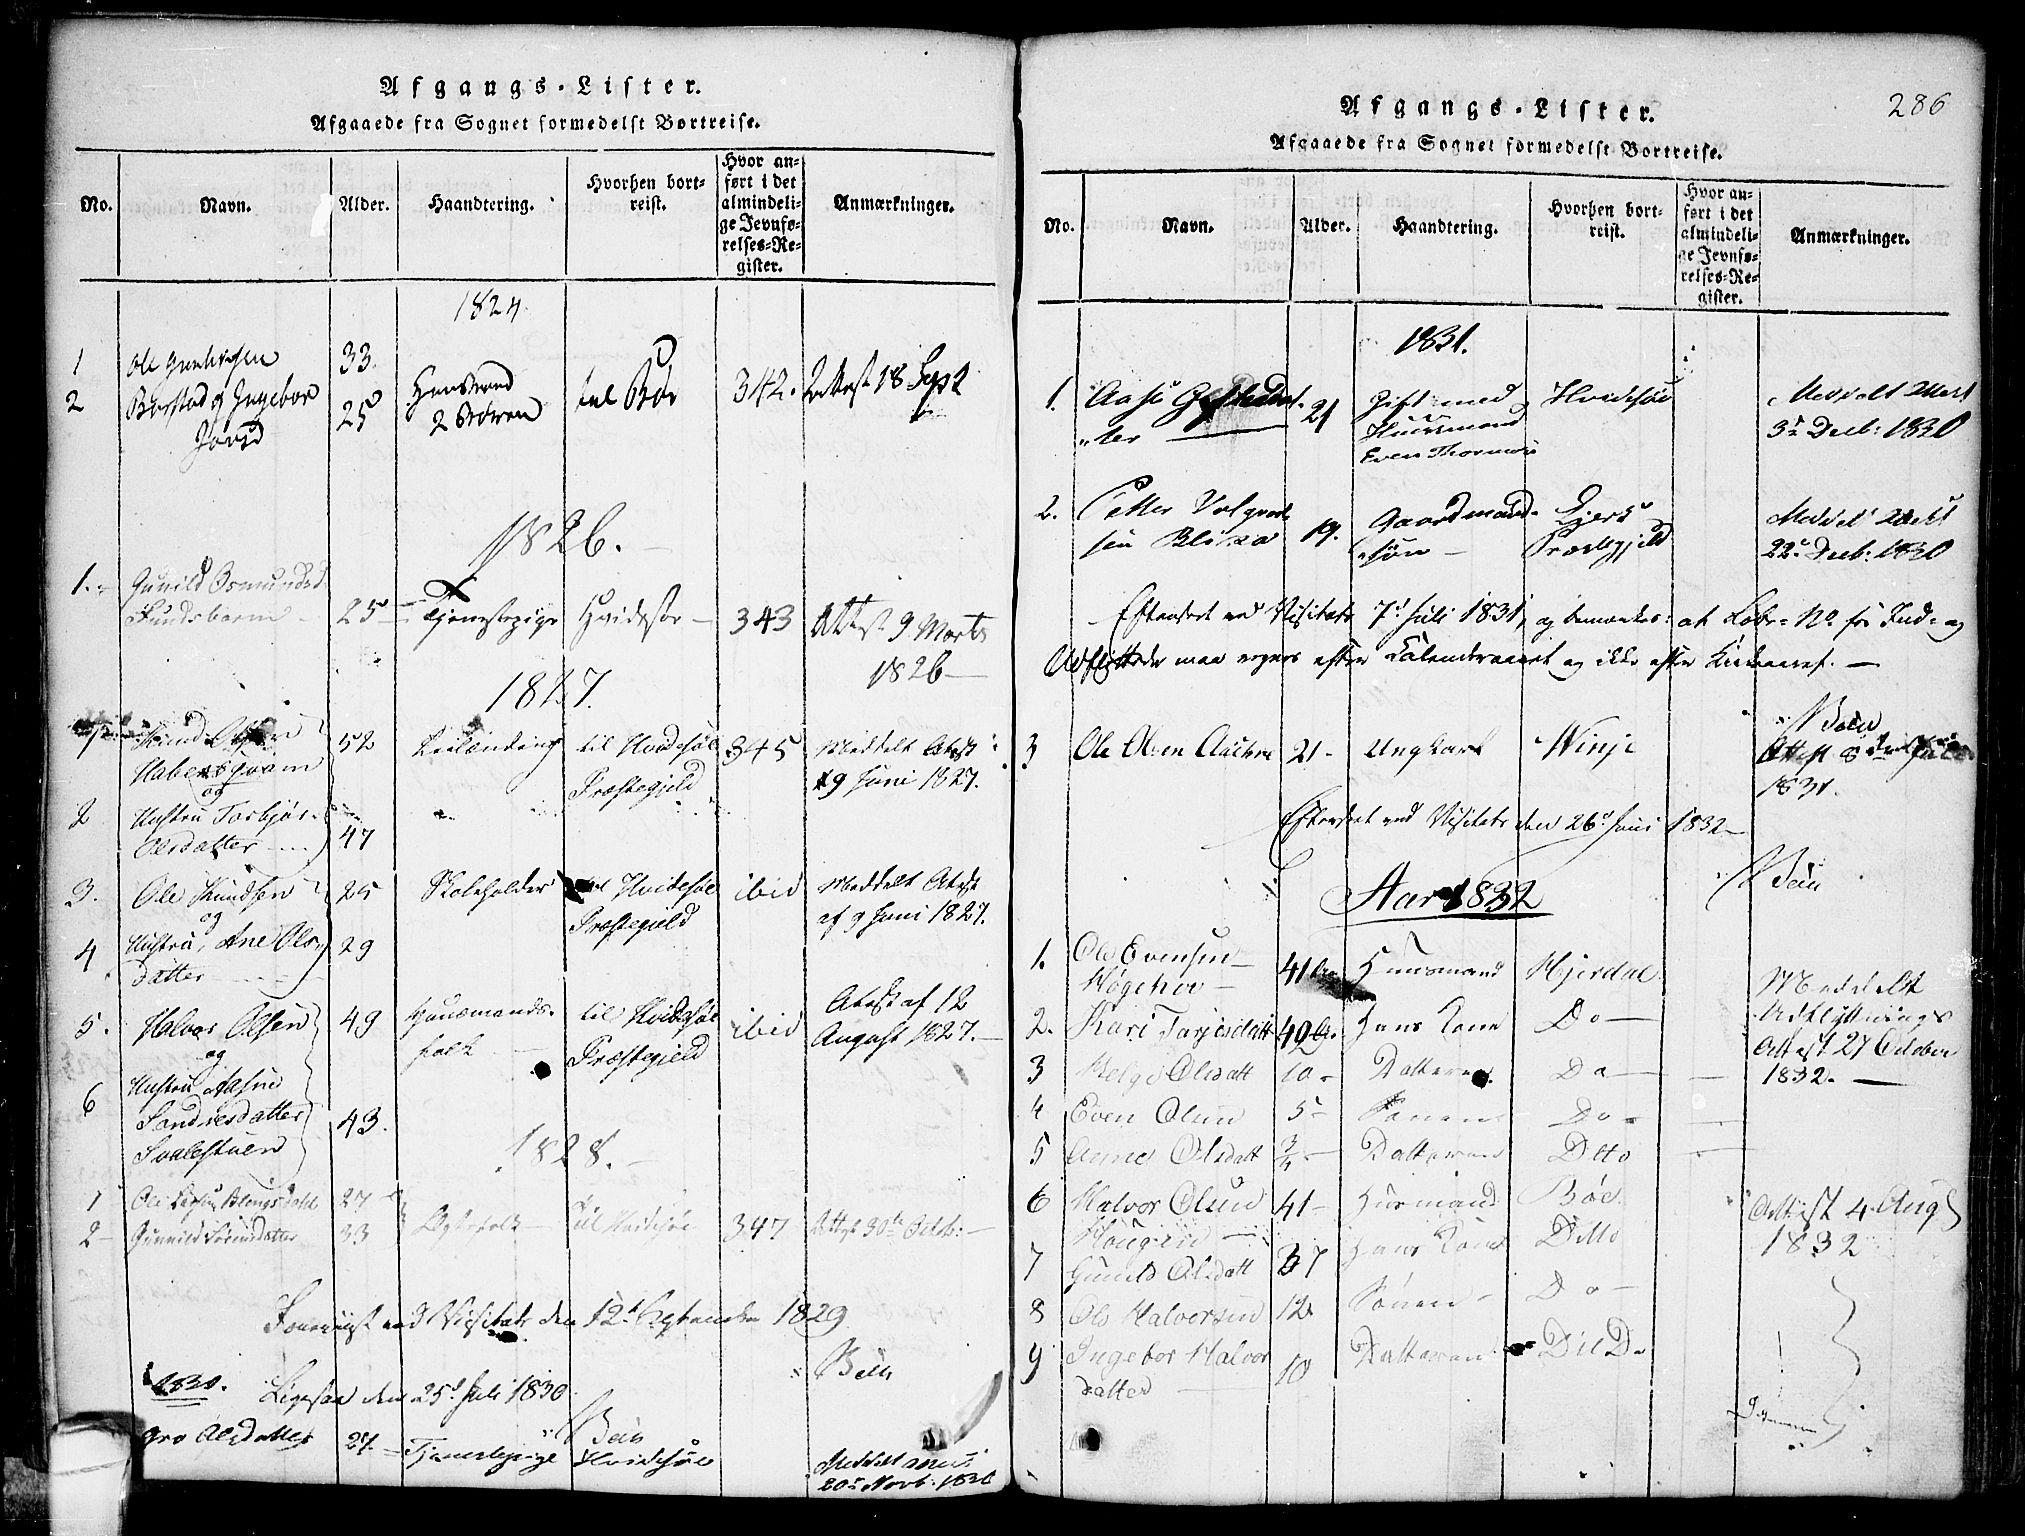 SAKO, Seljord kirkebøker, G/Gb/L0002: Klokkerbok nr. II 2, 1815-1854, s. 286